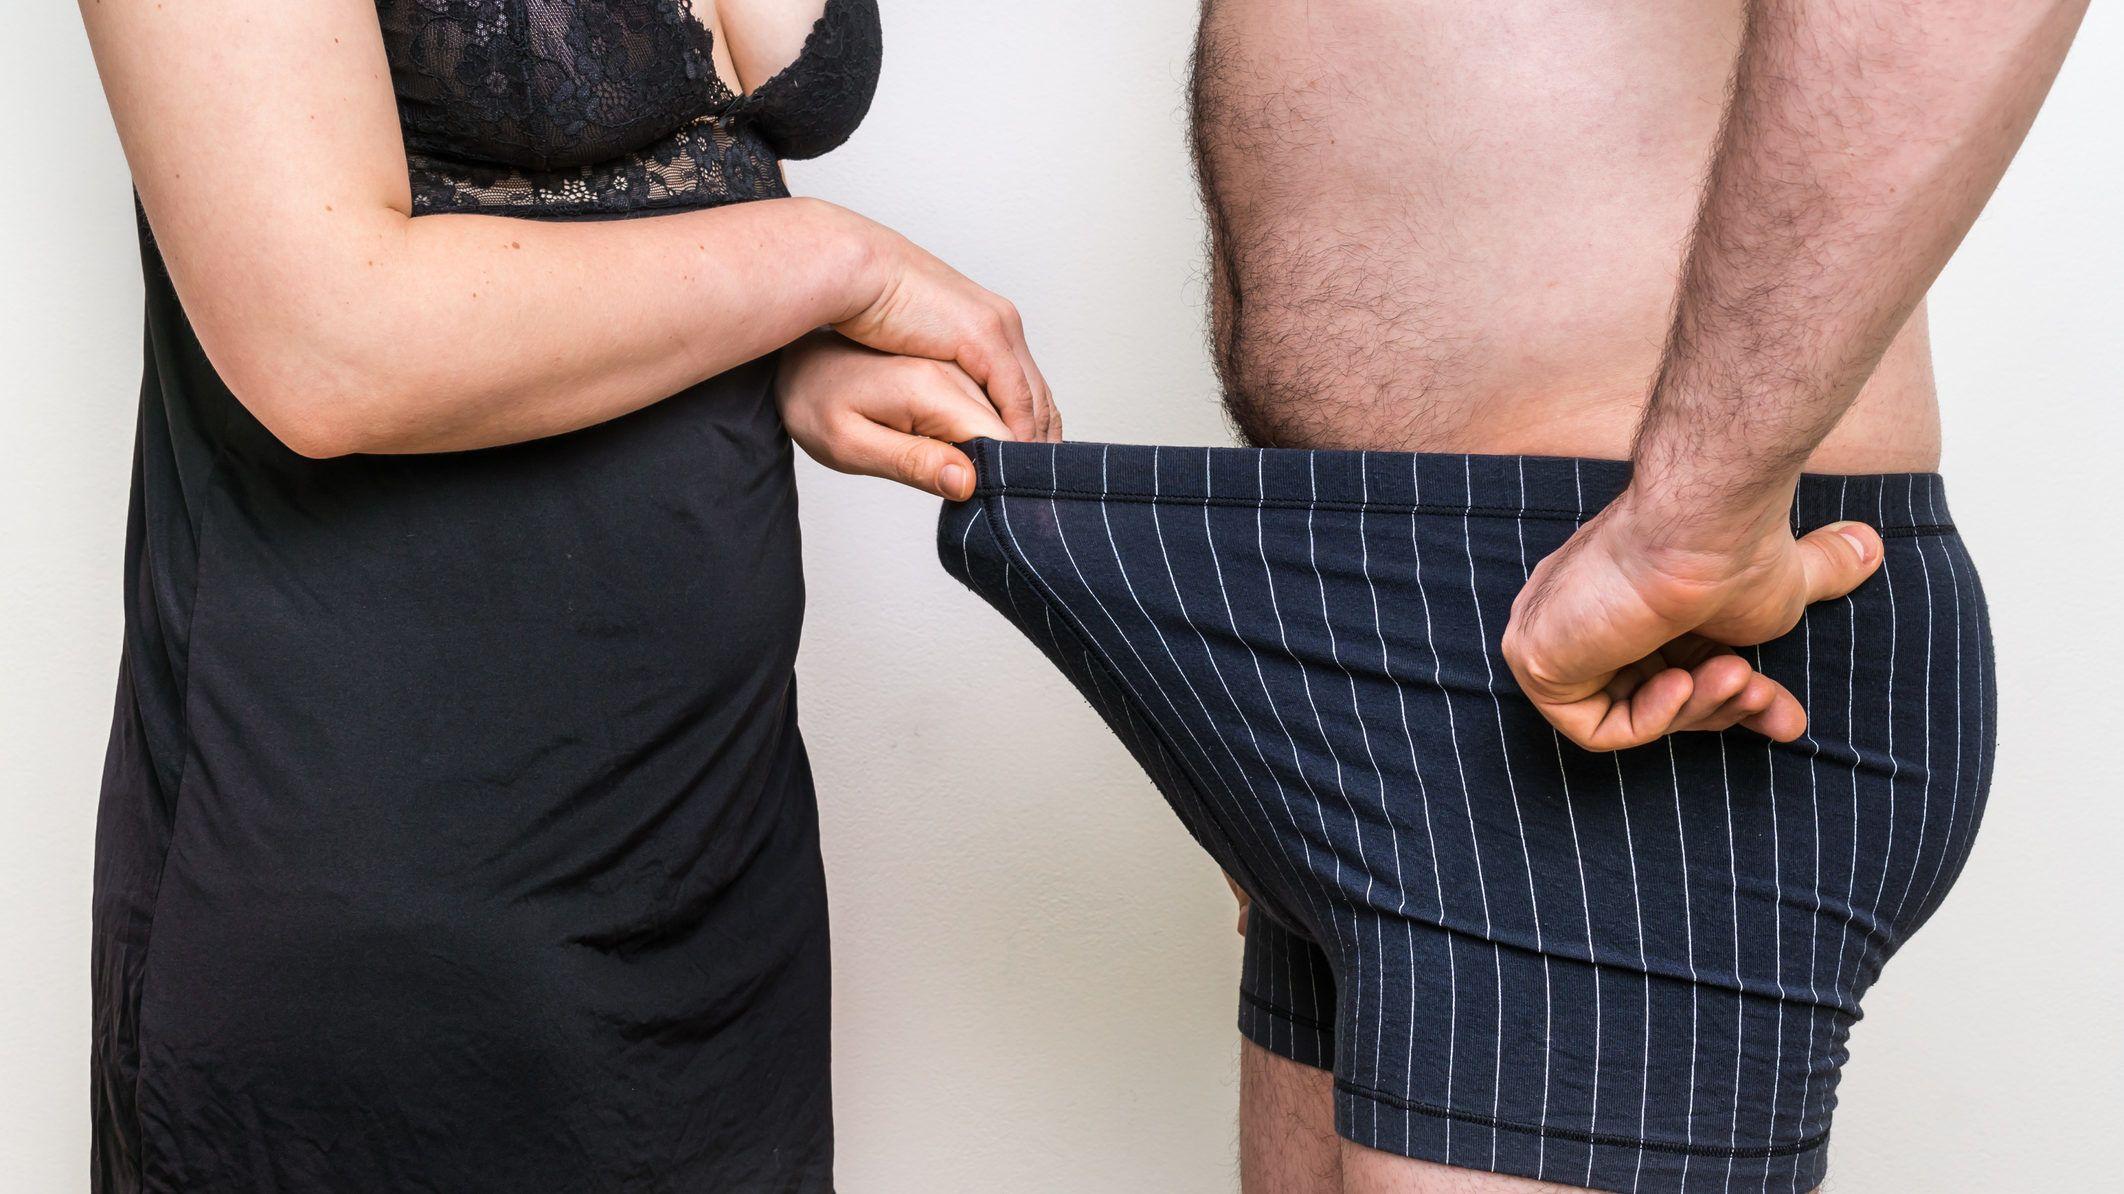 mit kell tenni, ha nem merül fel merevedés miért gyenge a férfiak erekciója